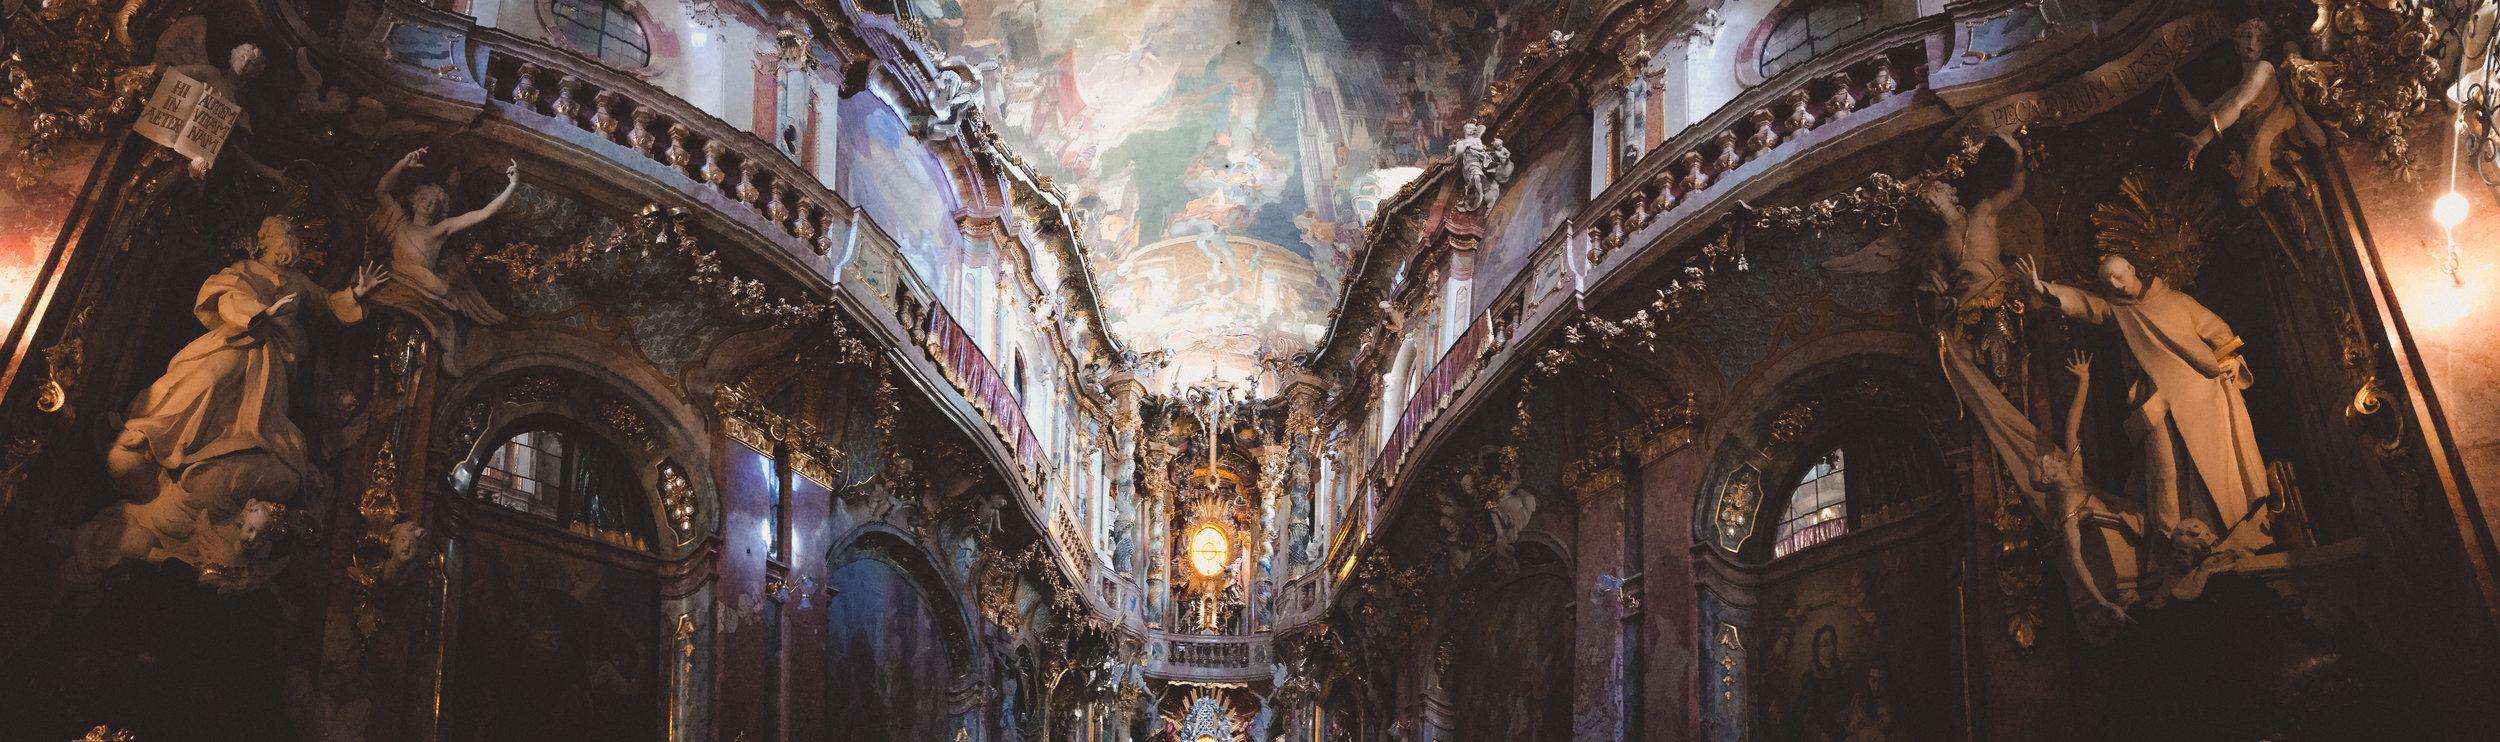 ASAM CHURCH IN MUNICH, GERMANY